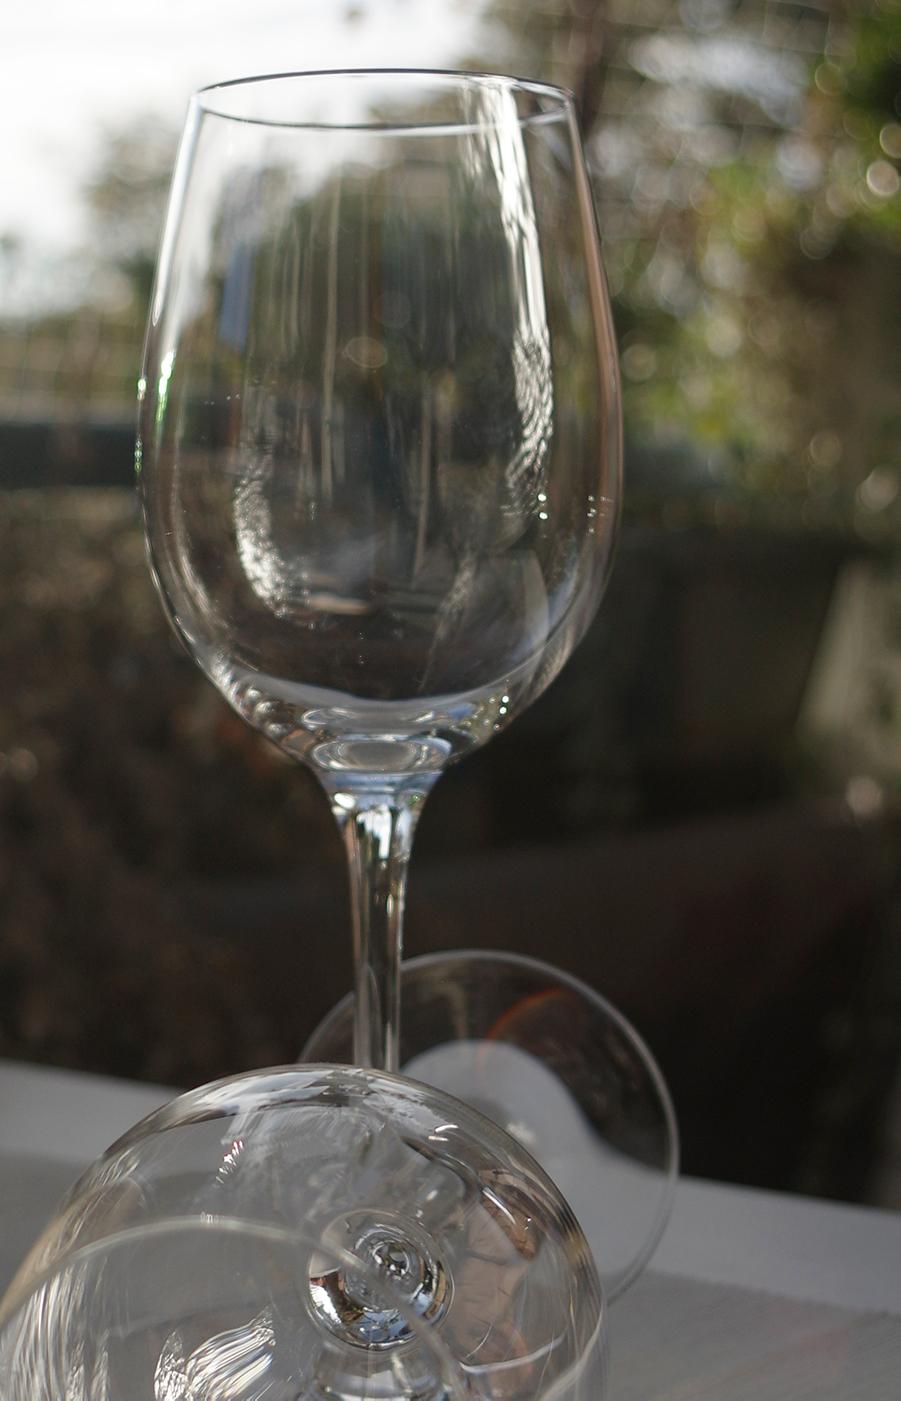 Just-take-a-look Berlin - Wein und Gläser 4